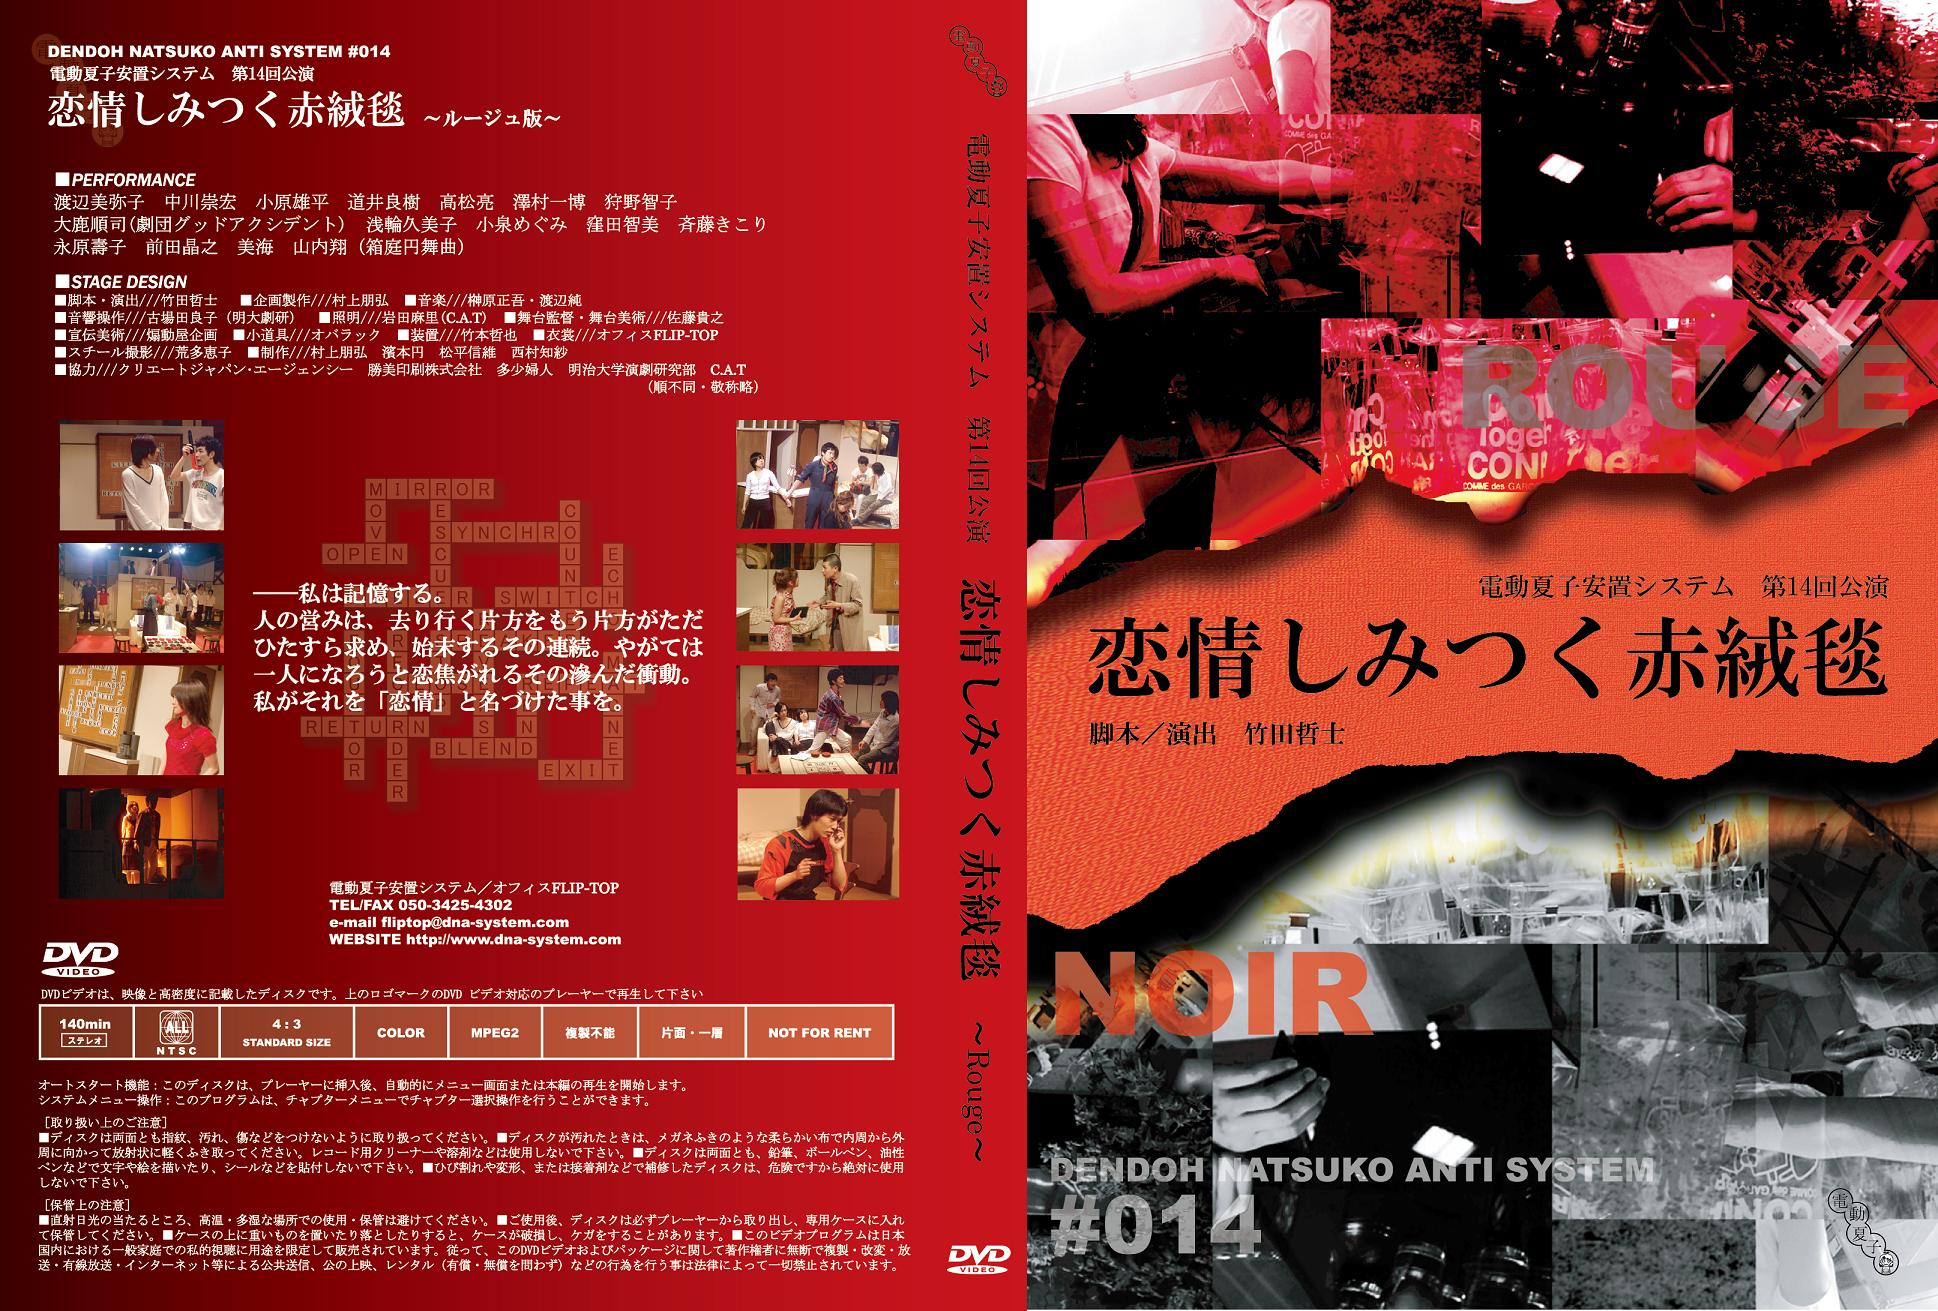 DVD 第14回公演『恋情しみつく赤絨毯』(ルージュ)